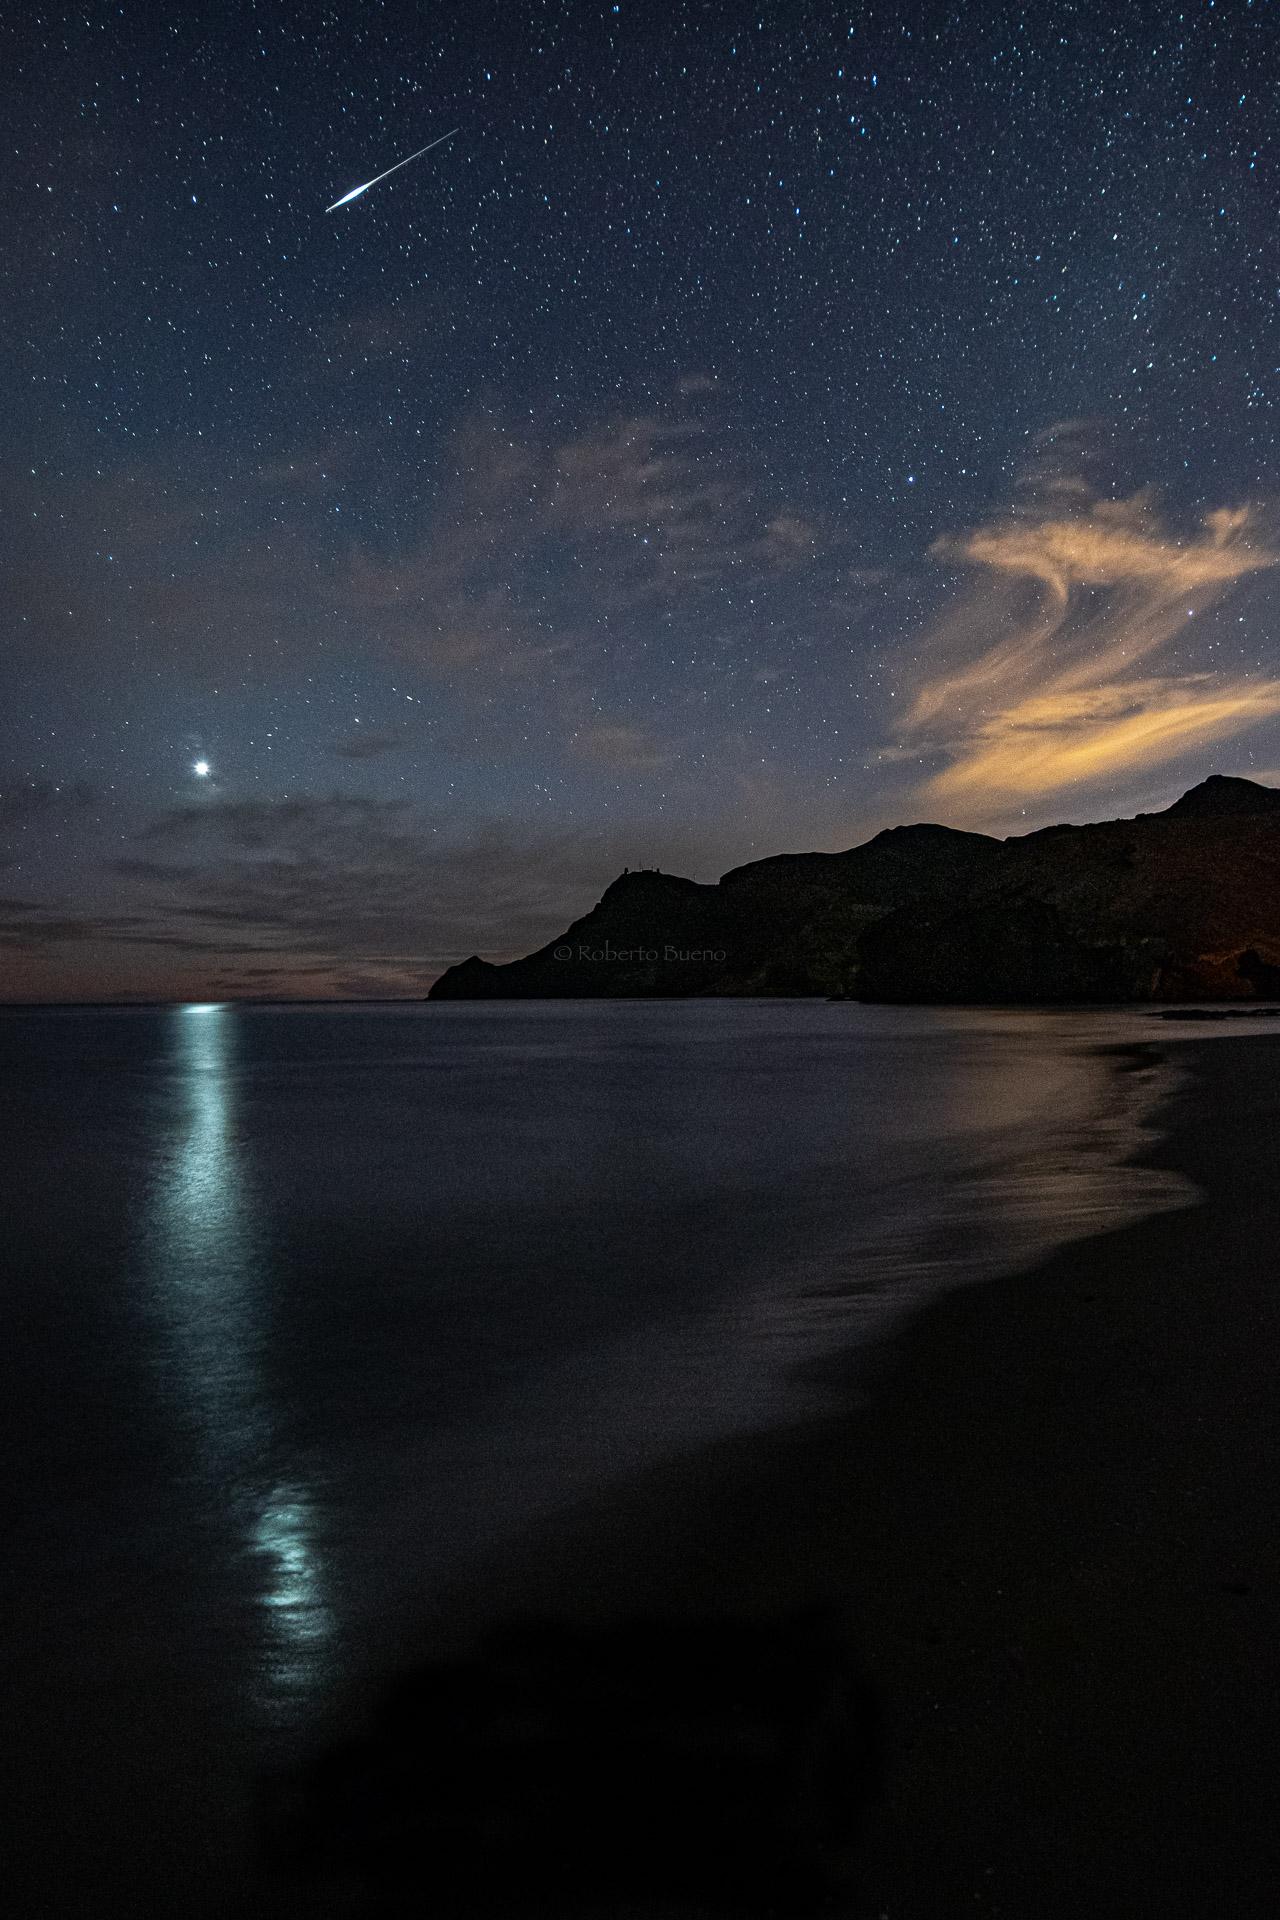 Reflejo de Venus en el mar y estrella fugaz - Luces en la noche - Luces en la Noche. Roberto Bueno. Fotografía de Naturaleza y viajes